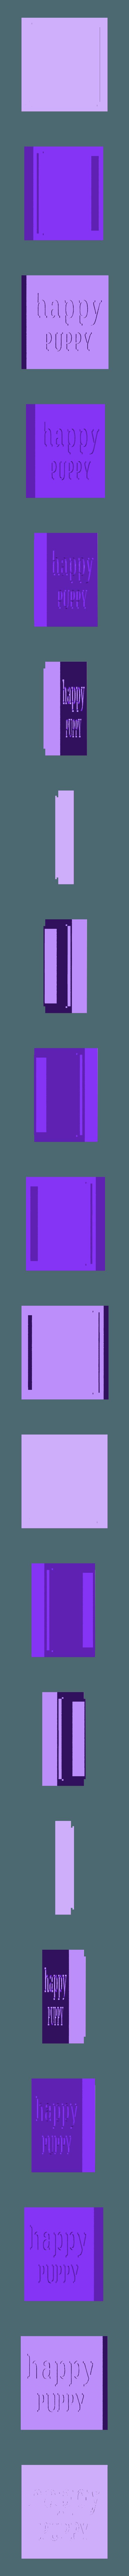 Container_cap.stl Télécharger fichier STL gratuit Alimentateur automatique pour chiens en tube PVC • Design imprimable en 3D, speedkornet